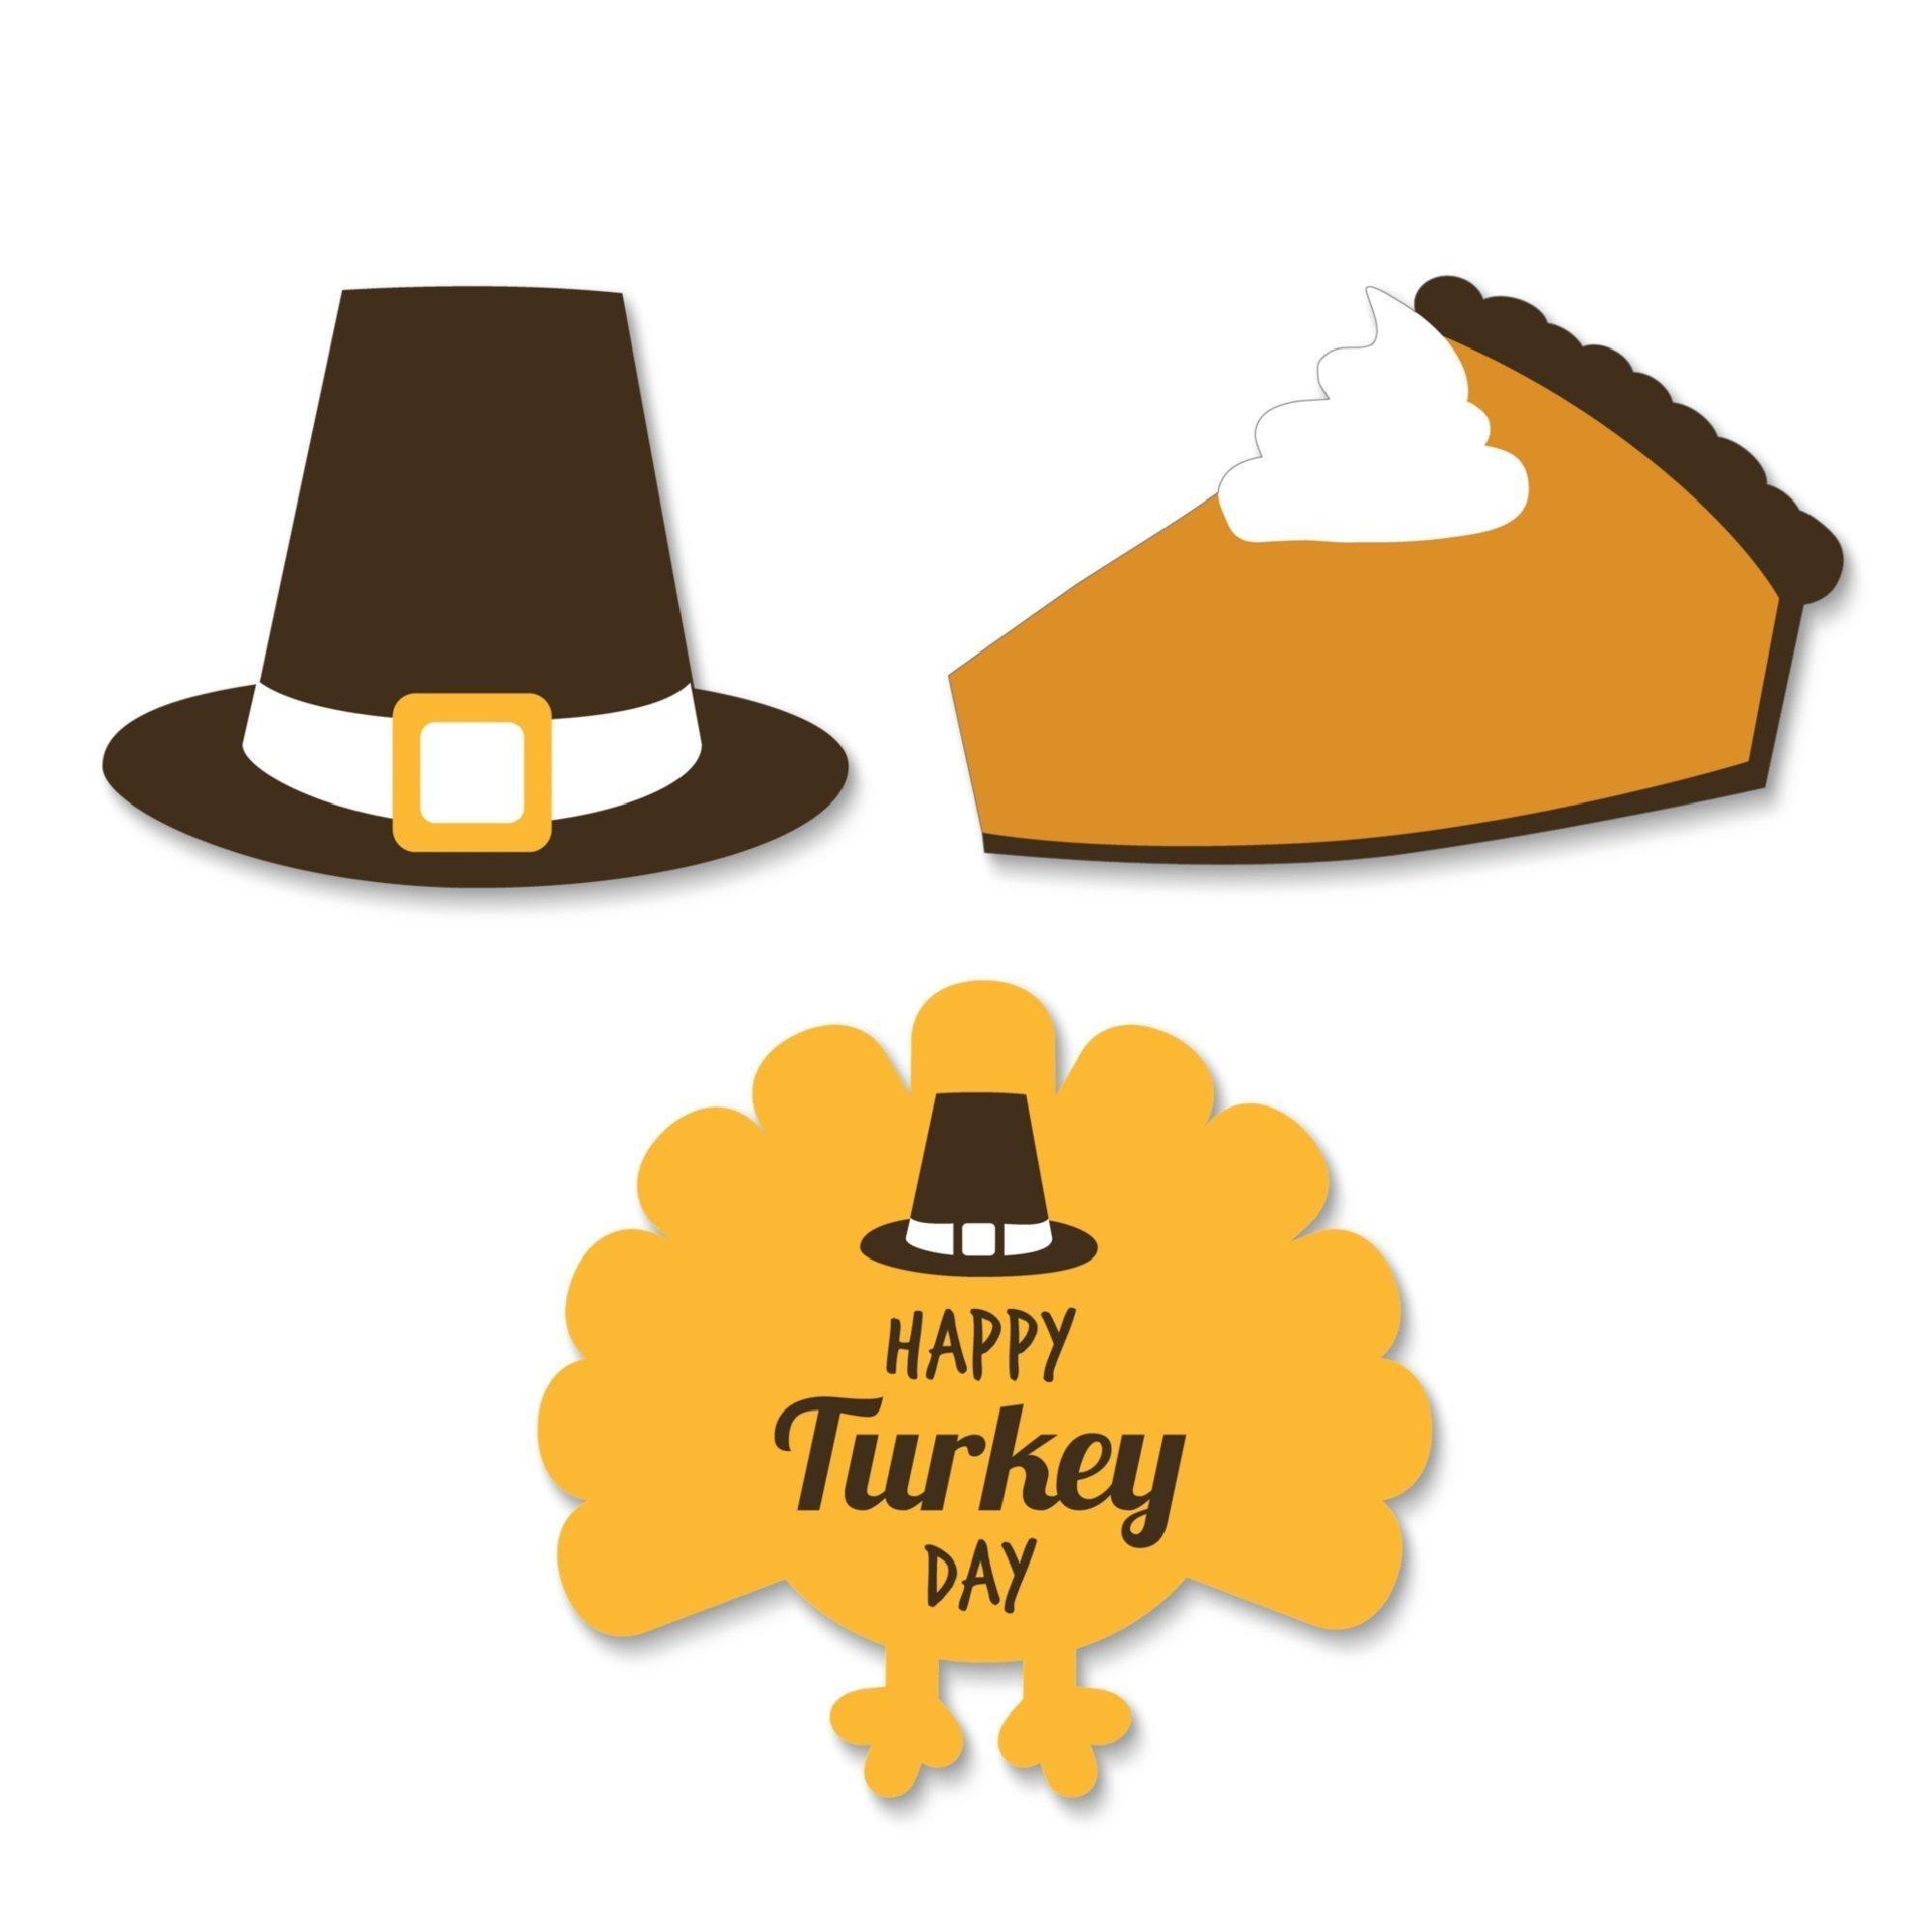 Online Store Happy Turkey Day